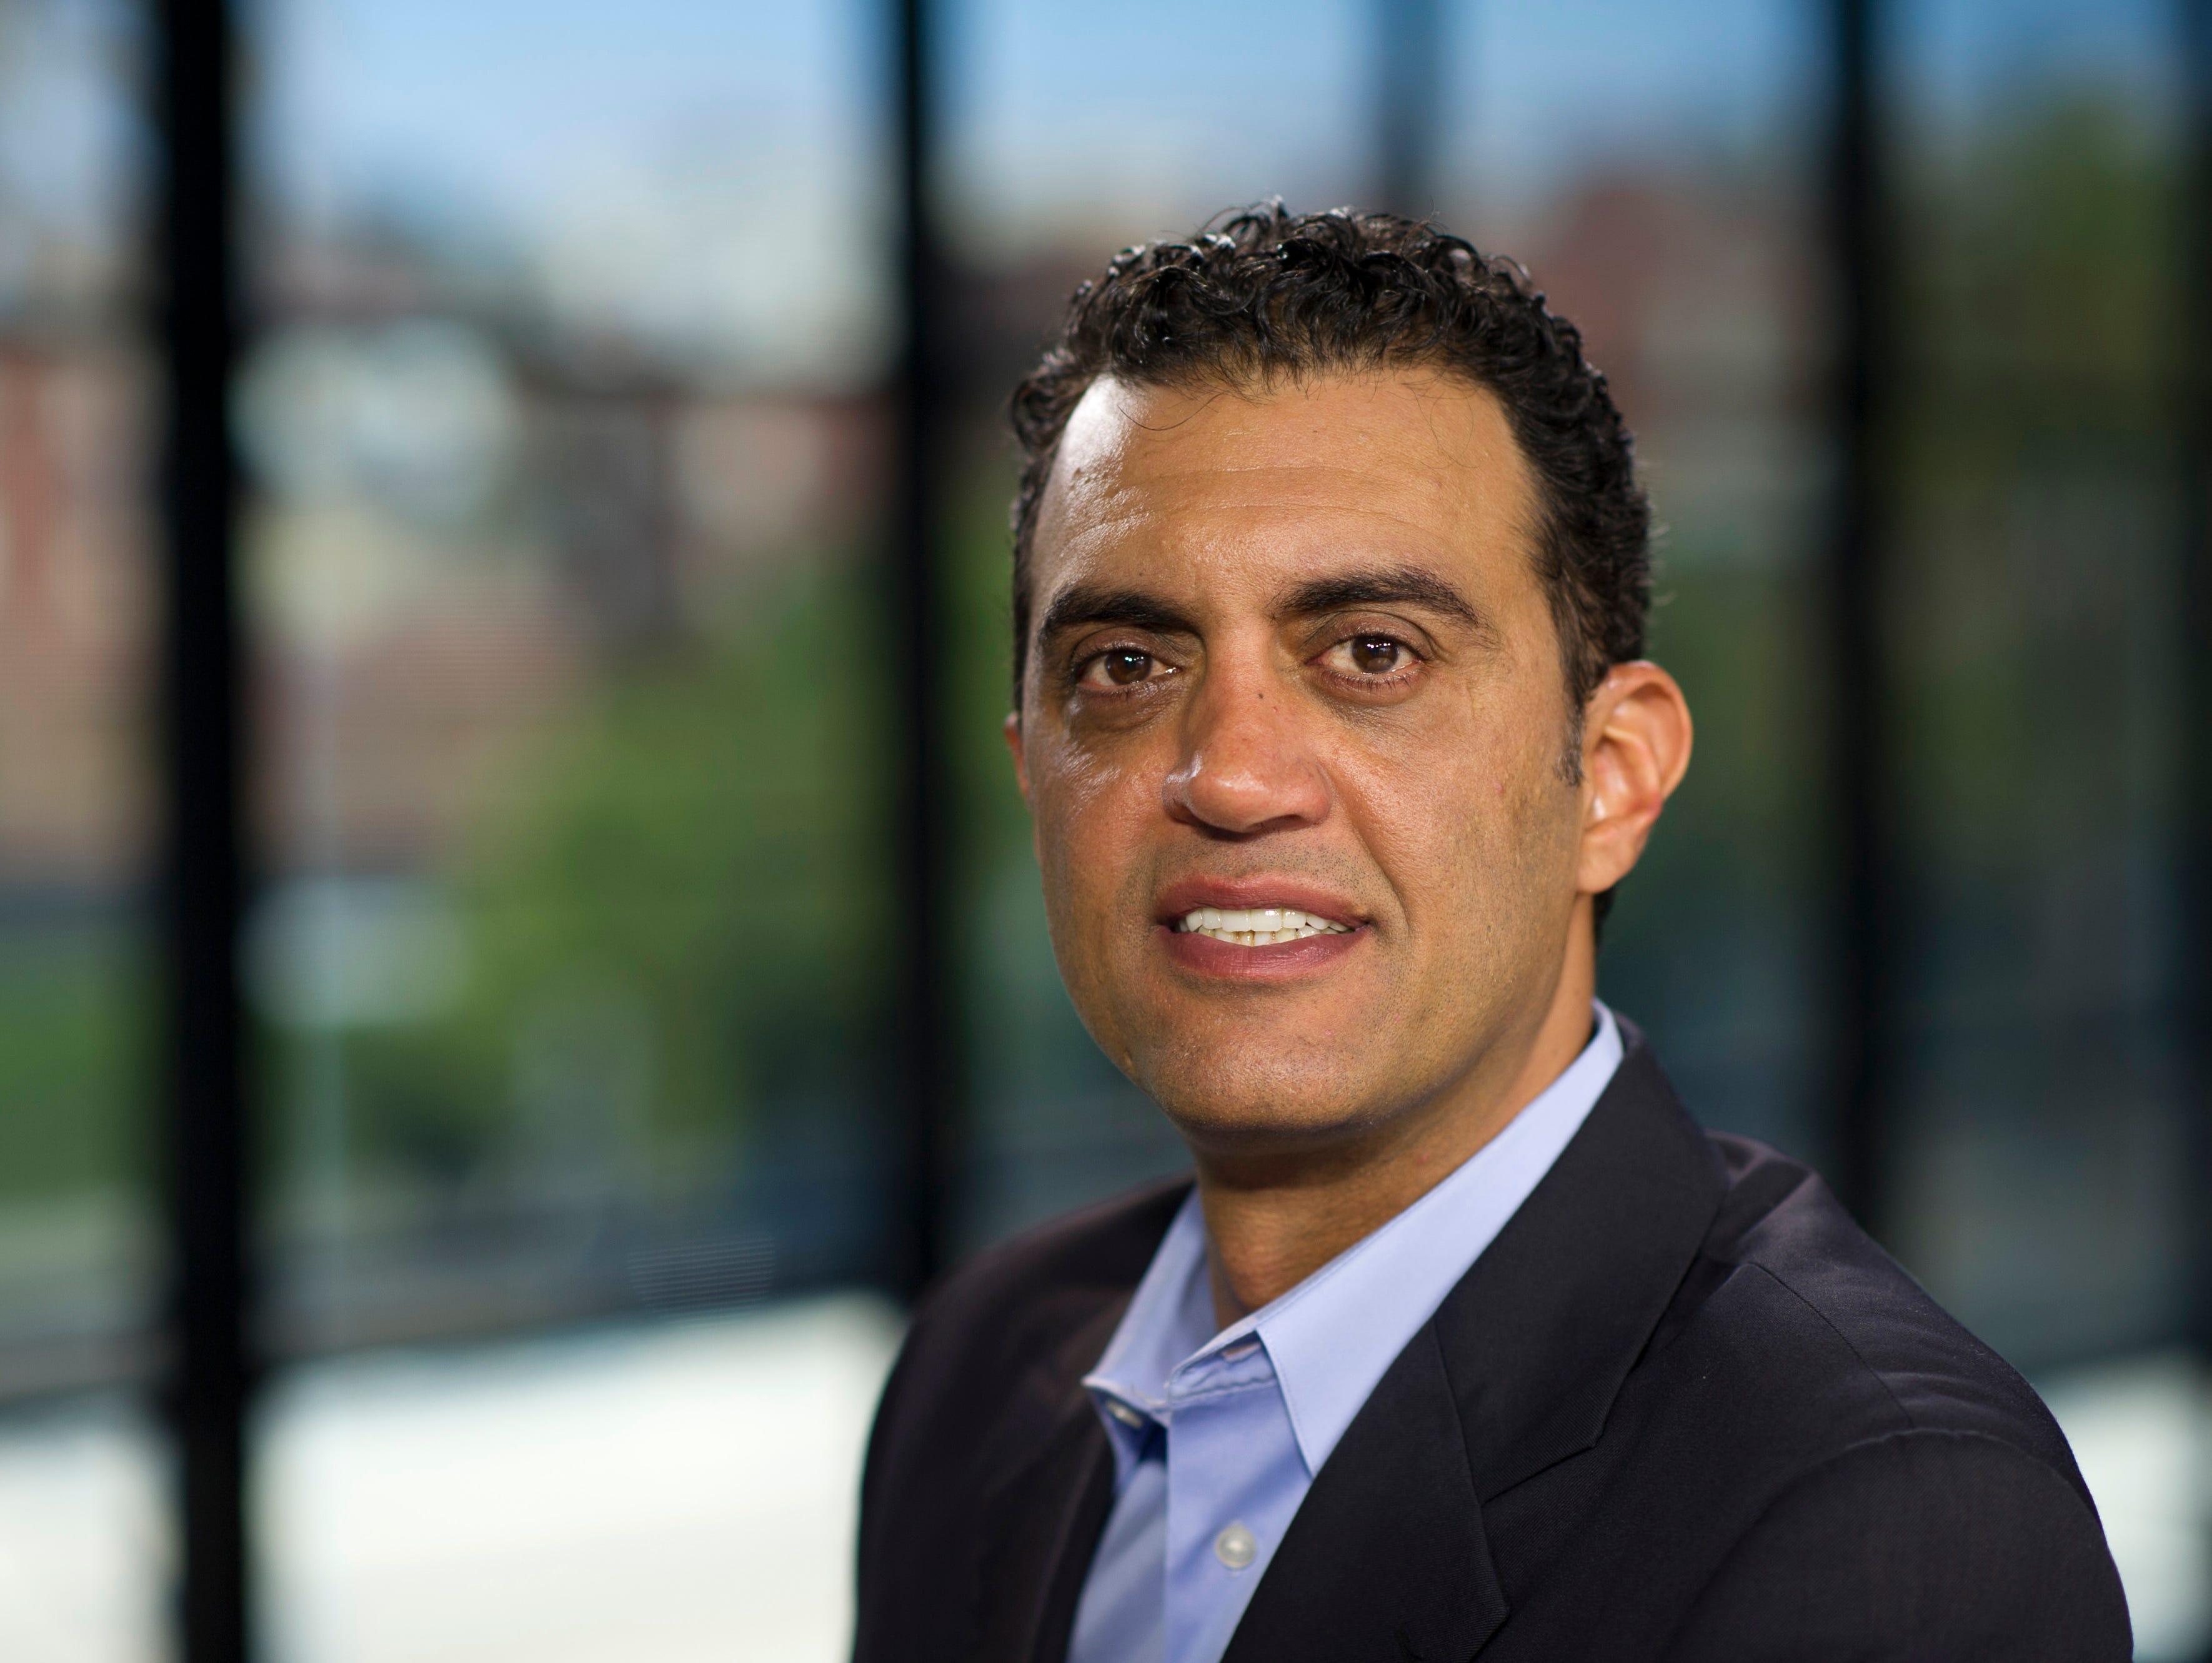 Emil Michael, senior vice president of business for Uber.